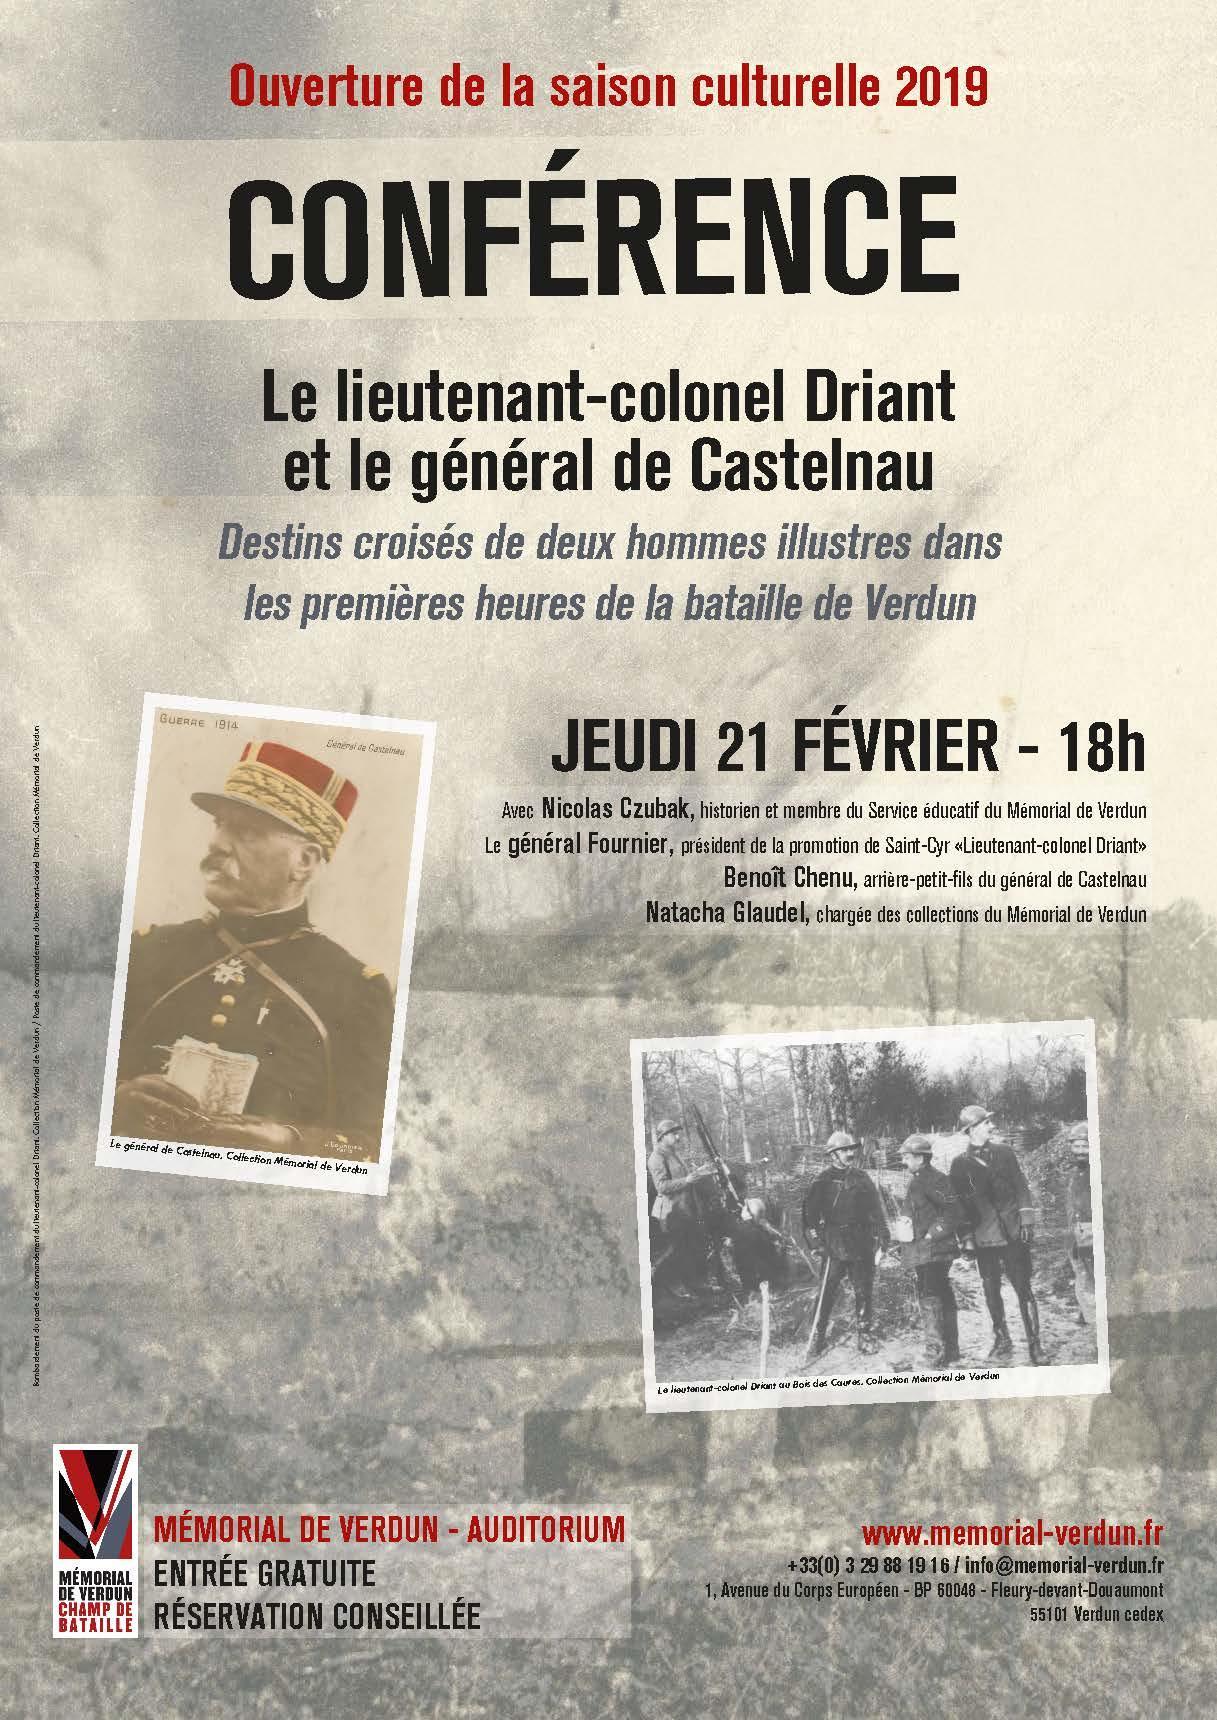 CONFÉRENCE : LE LIEUTENANT-COLONEL DRIANT ET LE GÉNÉRAL DE CASTELNAU